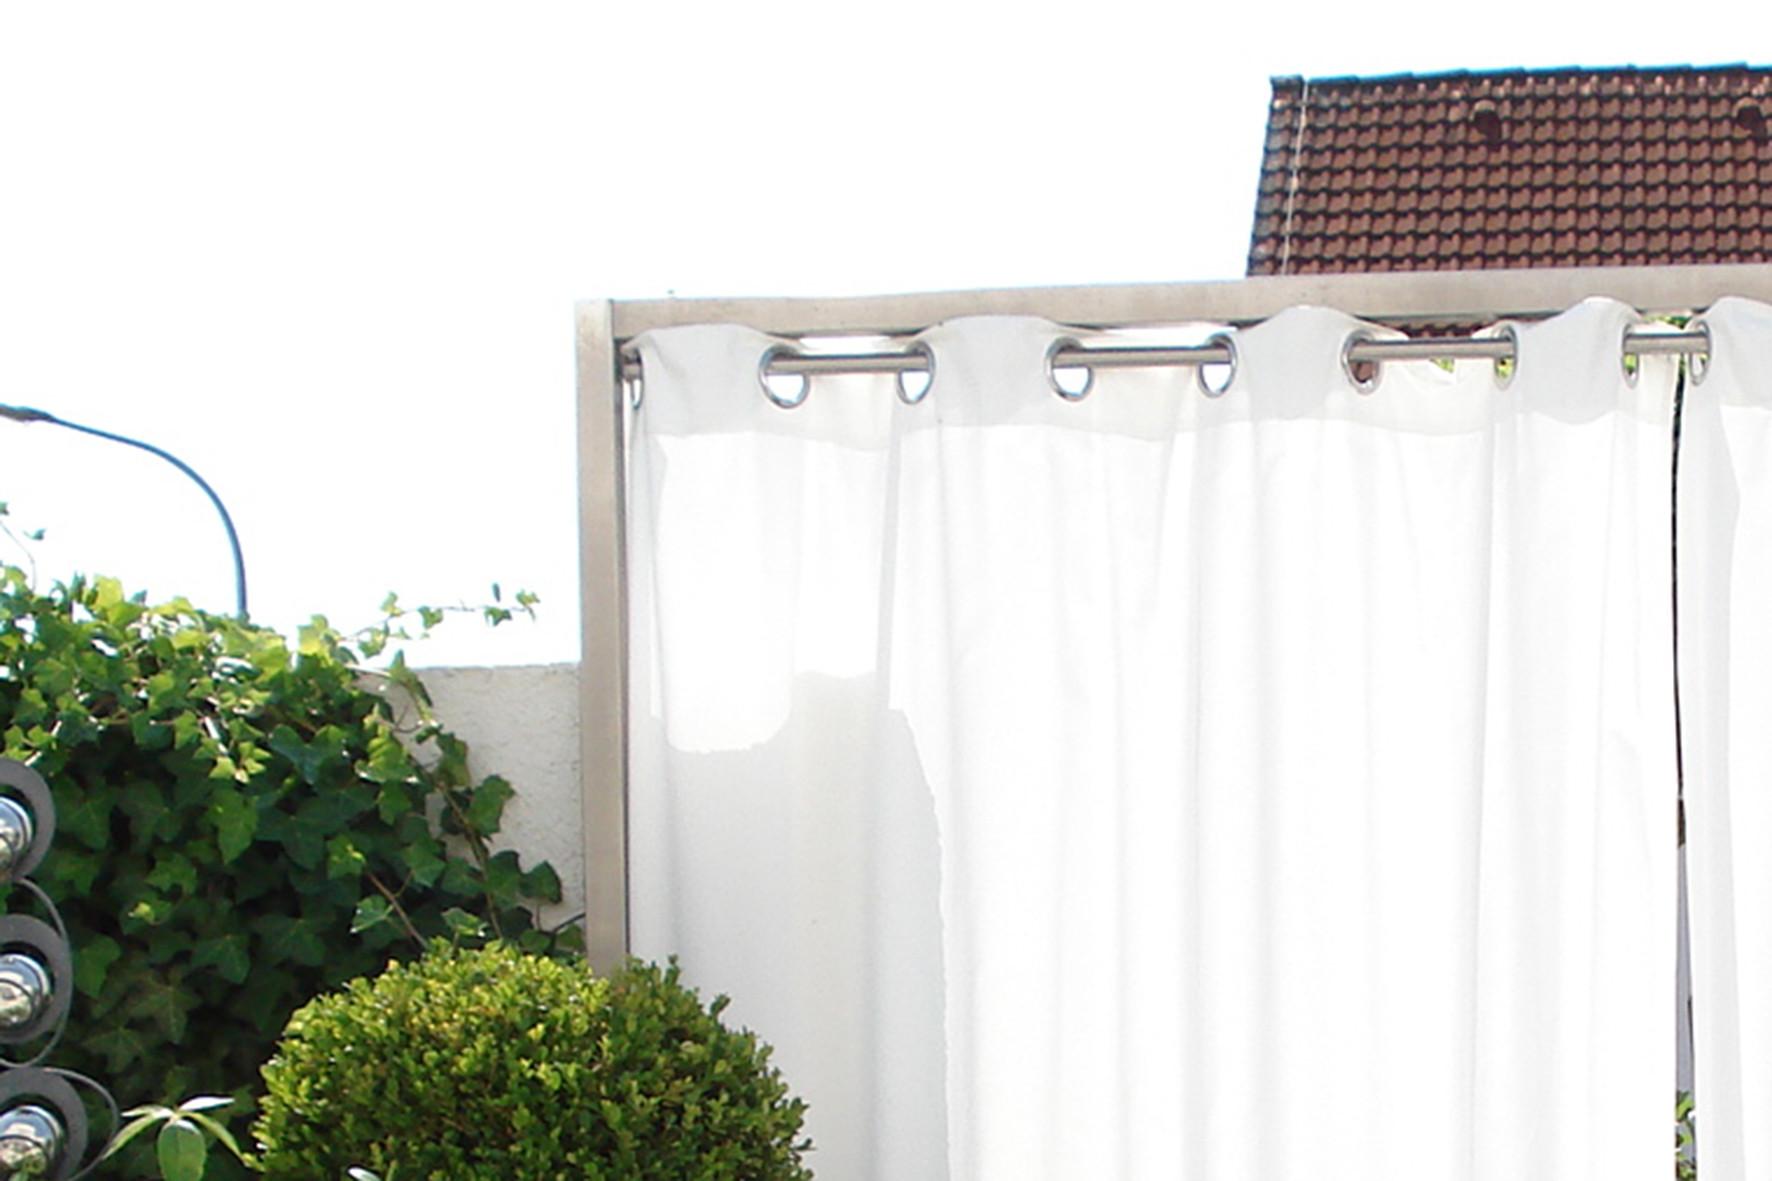 Paravents Für Den Garten  Paravent Sichtschutz für den Garten